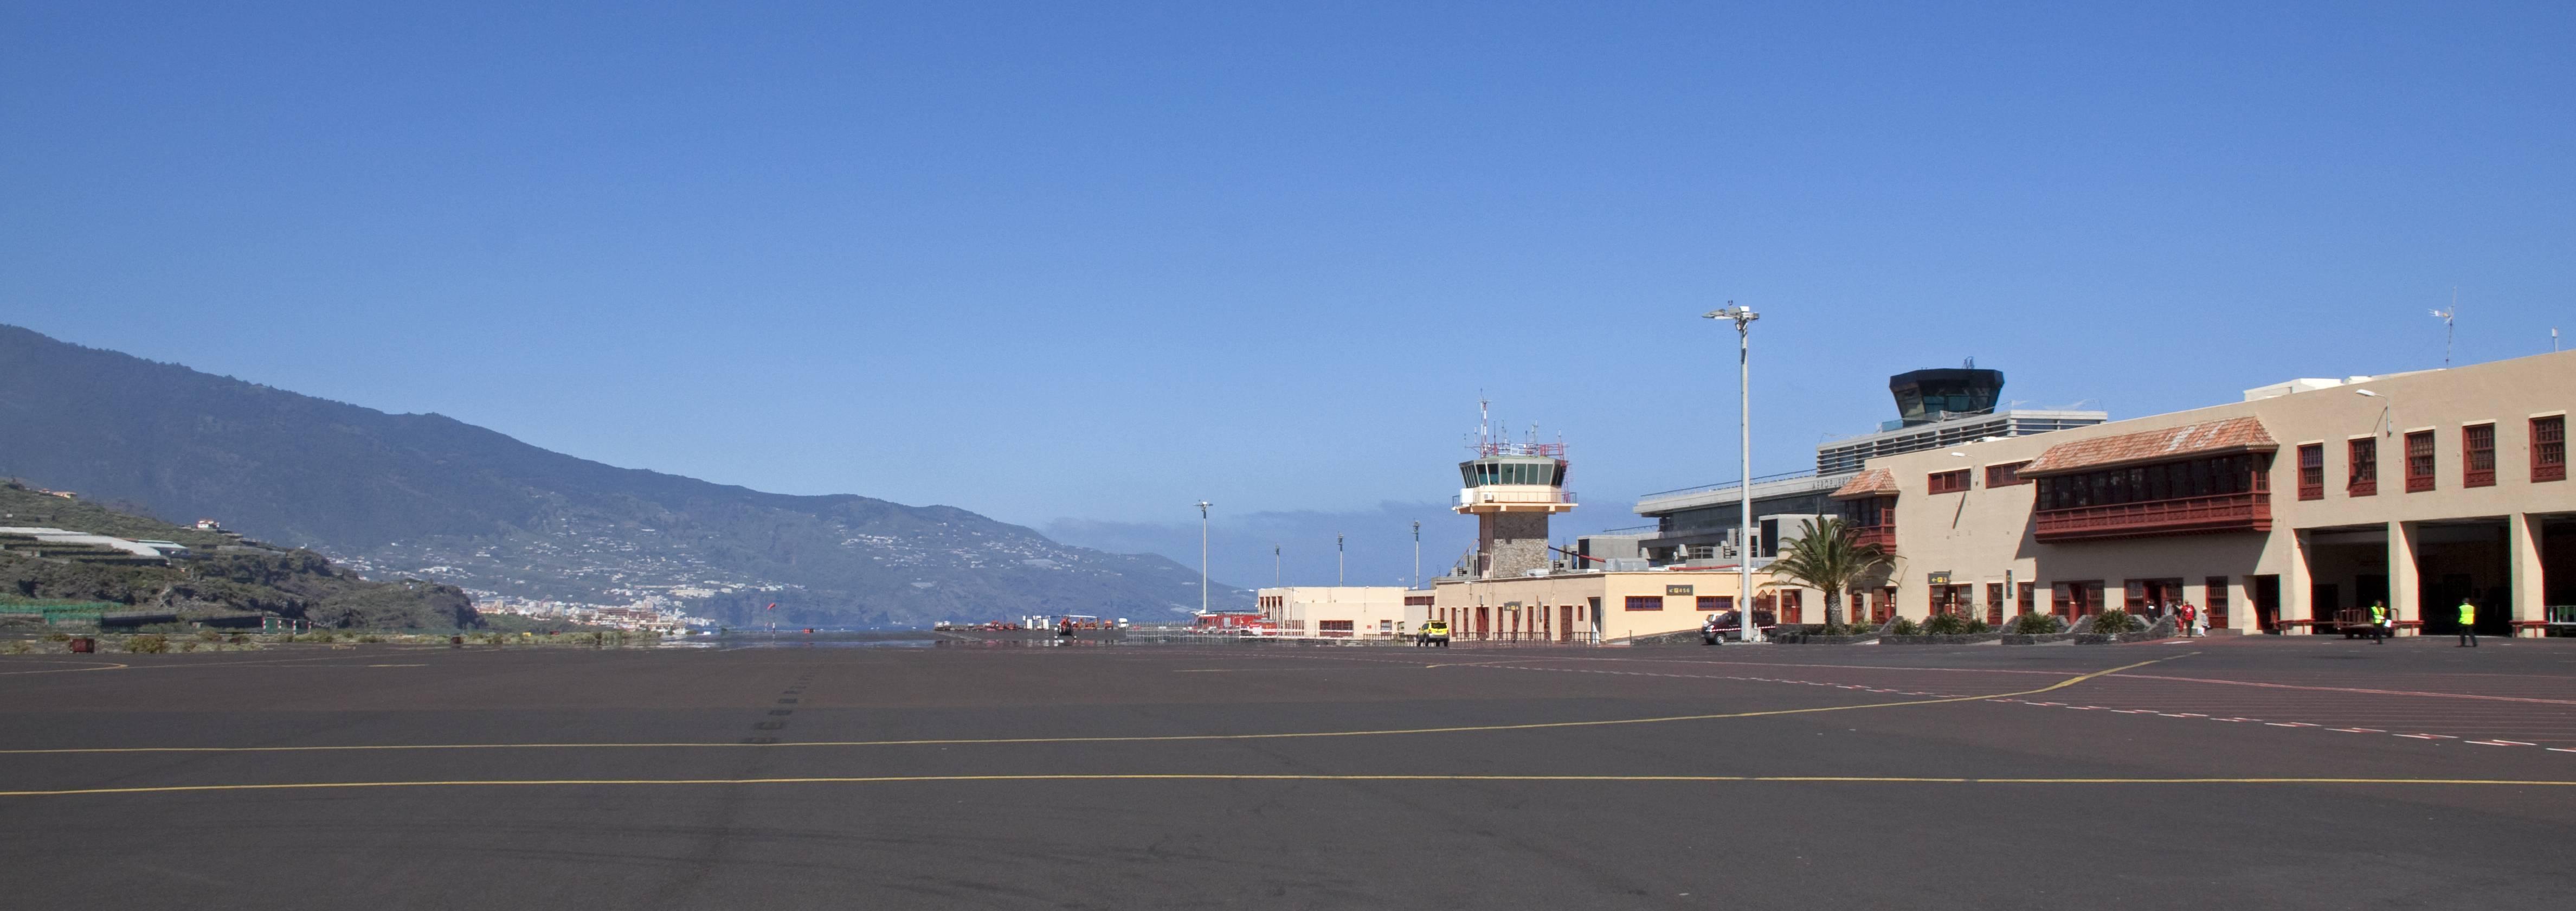 Крупный и современный аэропорт пальма-де-мальорка